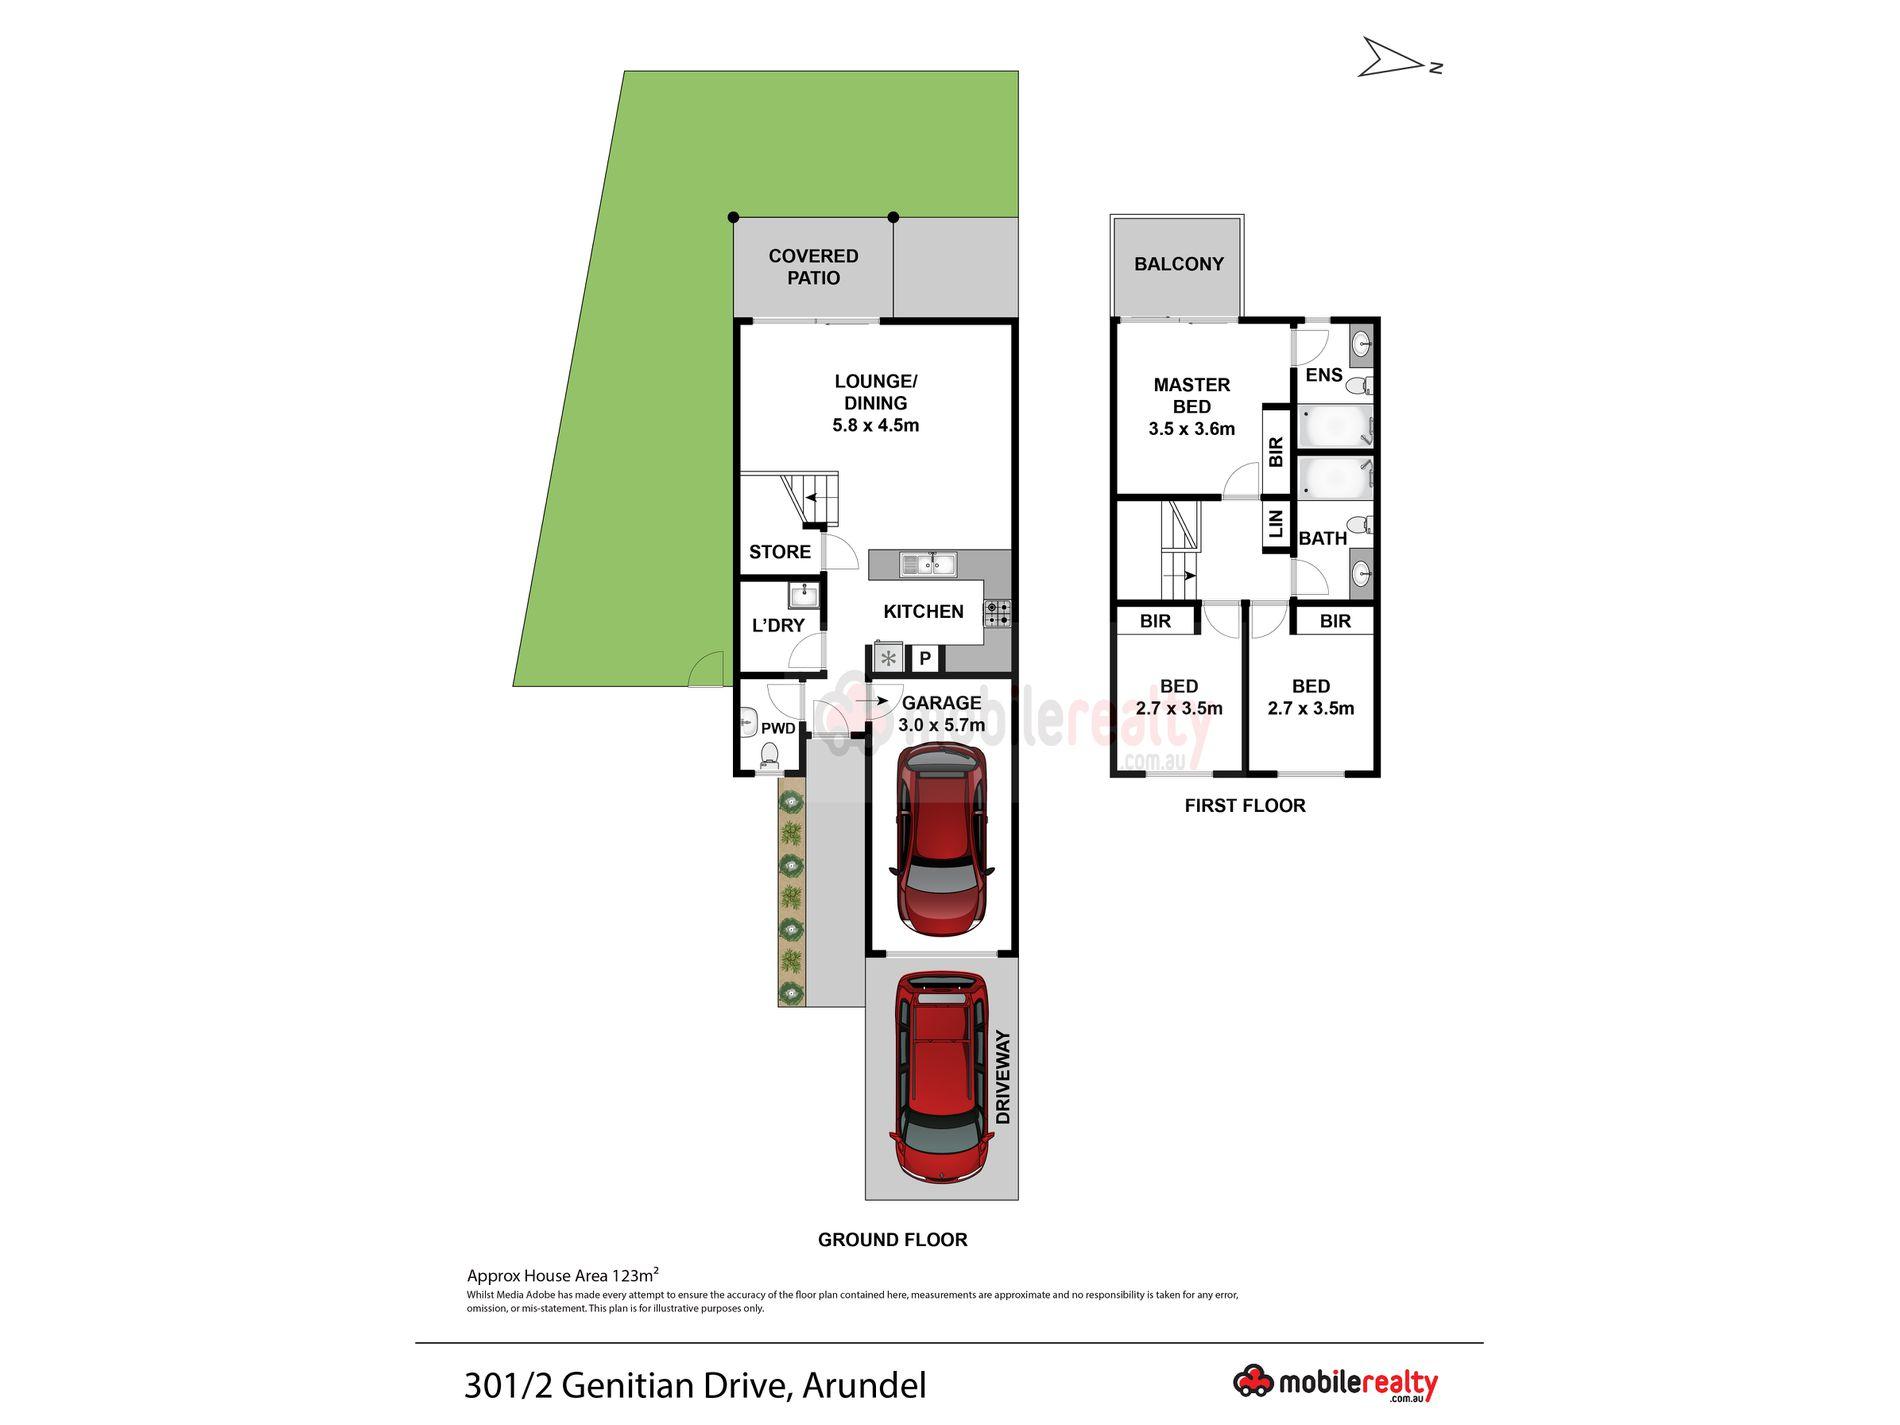 301 / 2 Gentian Drive, Arundel